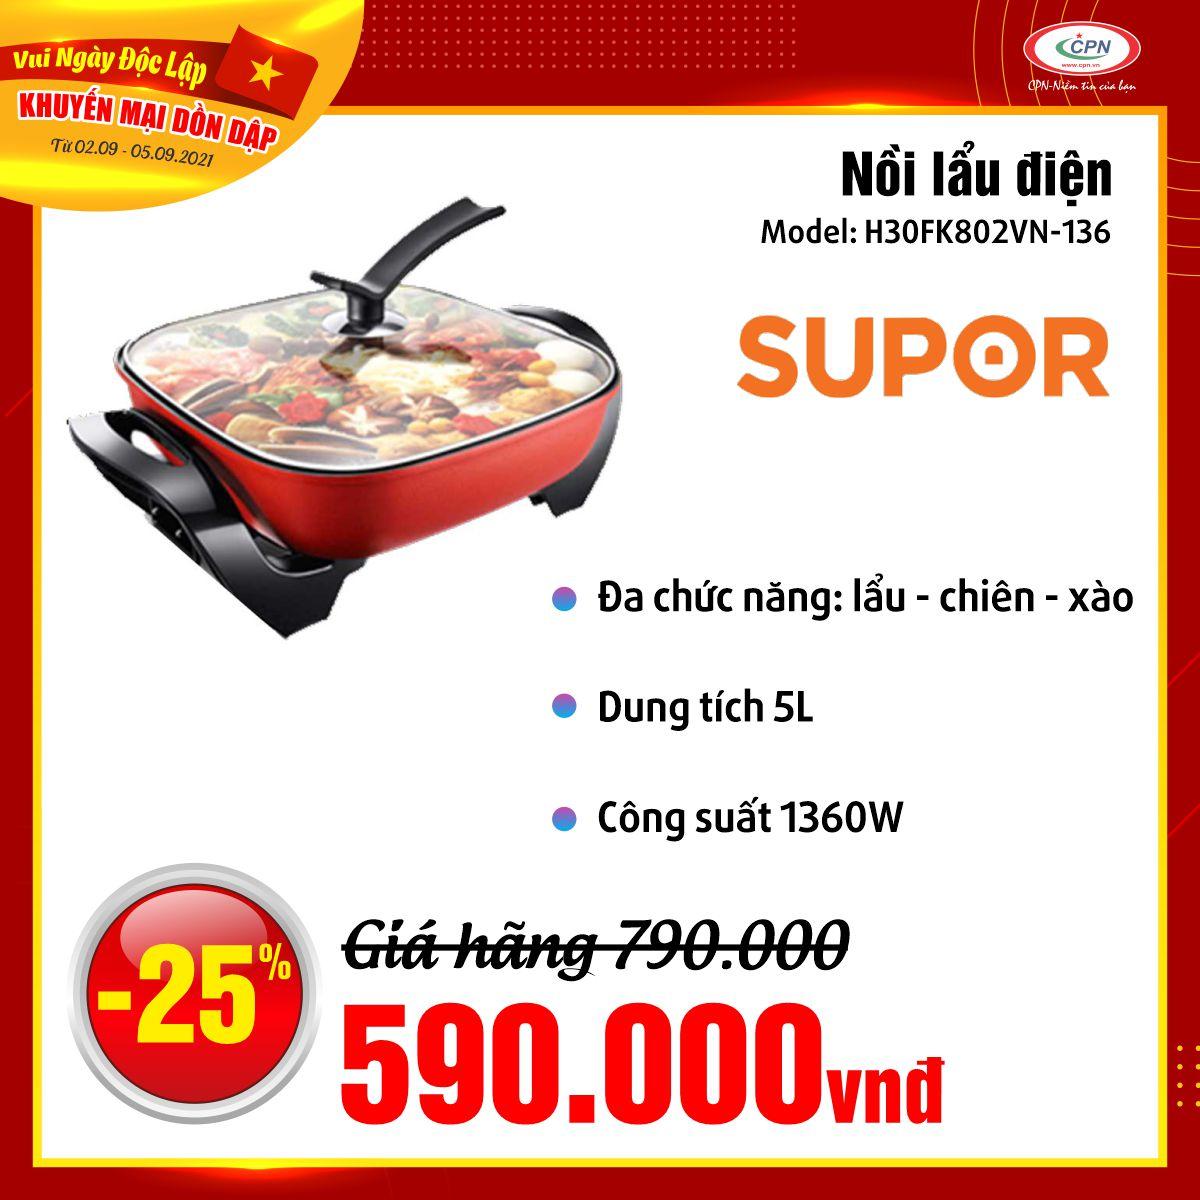 900x900-quoc-khanh-2021-h30fk802vn-136.jpg